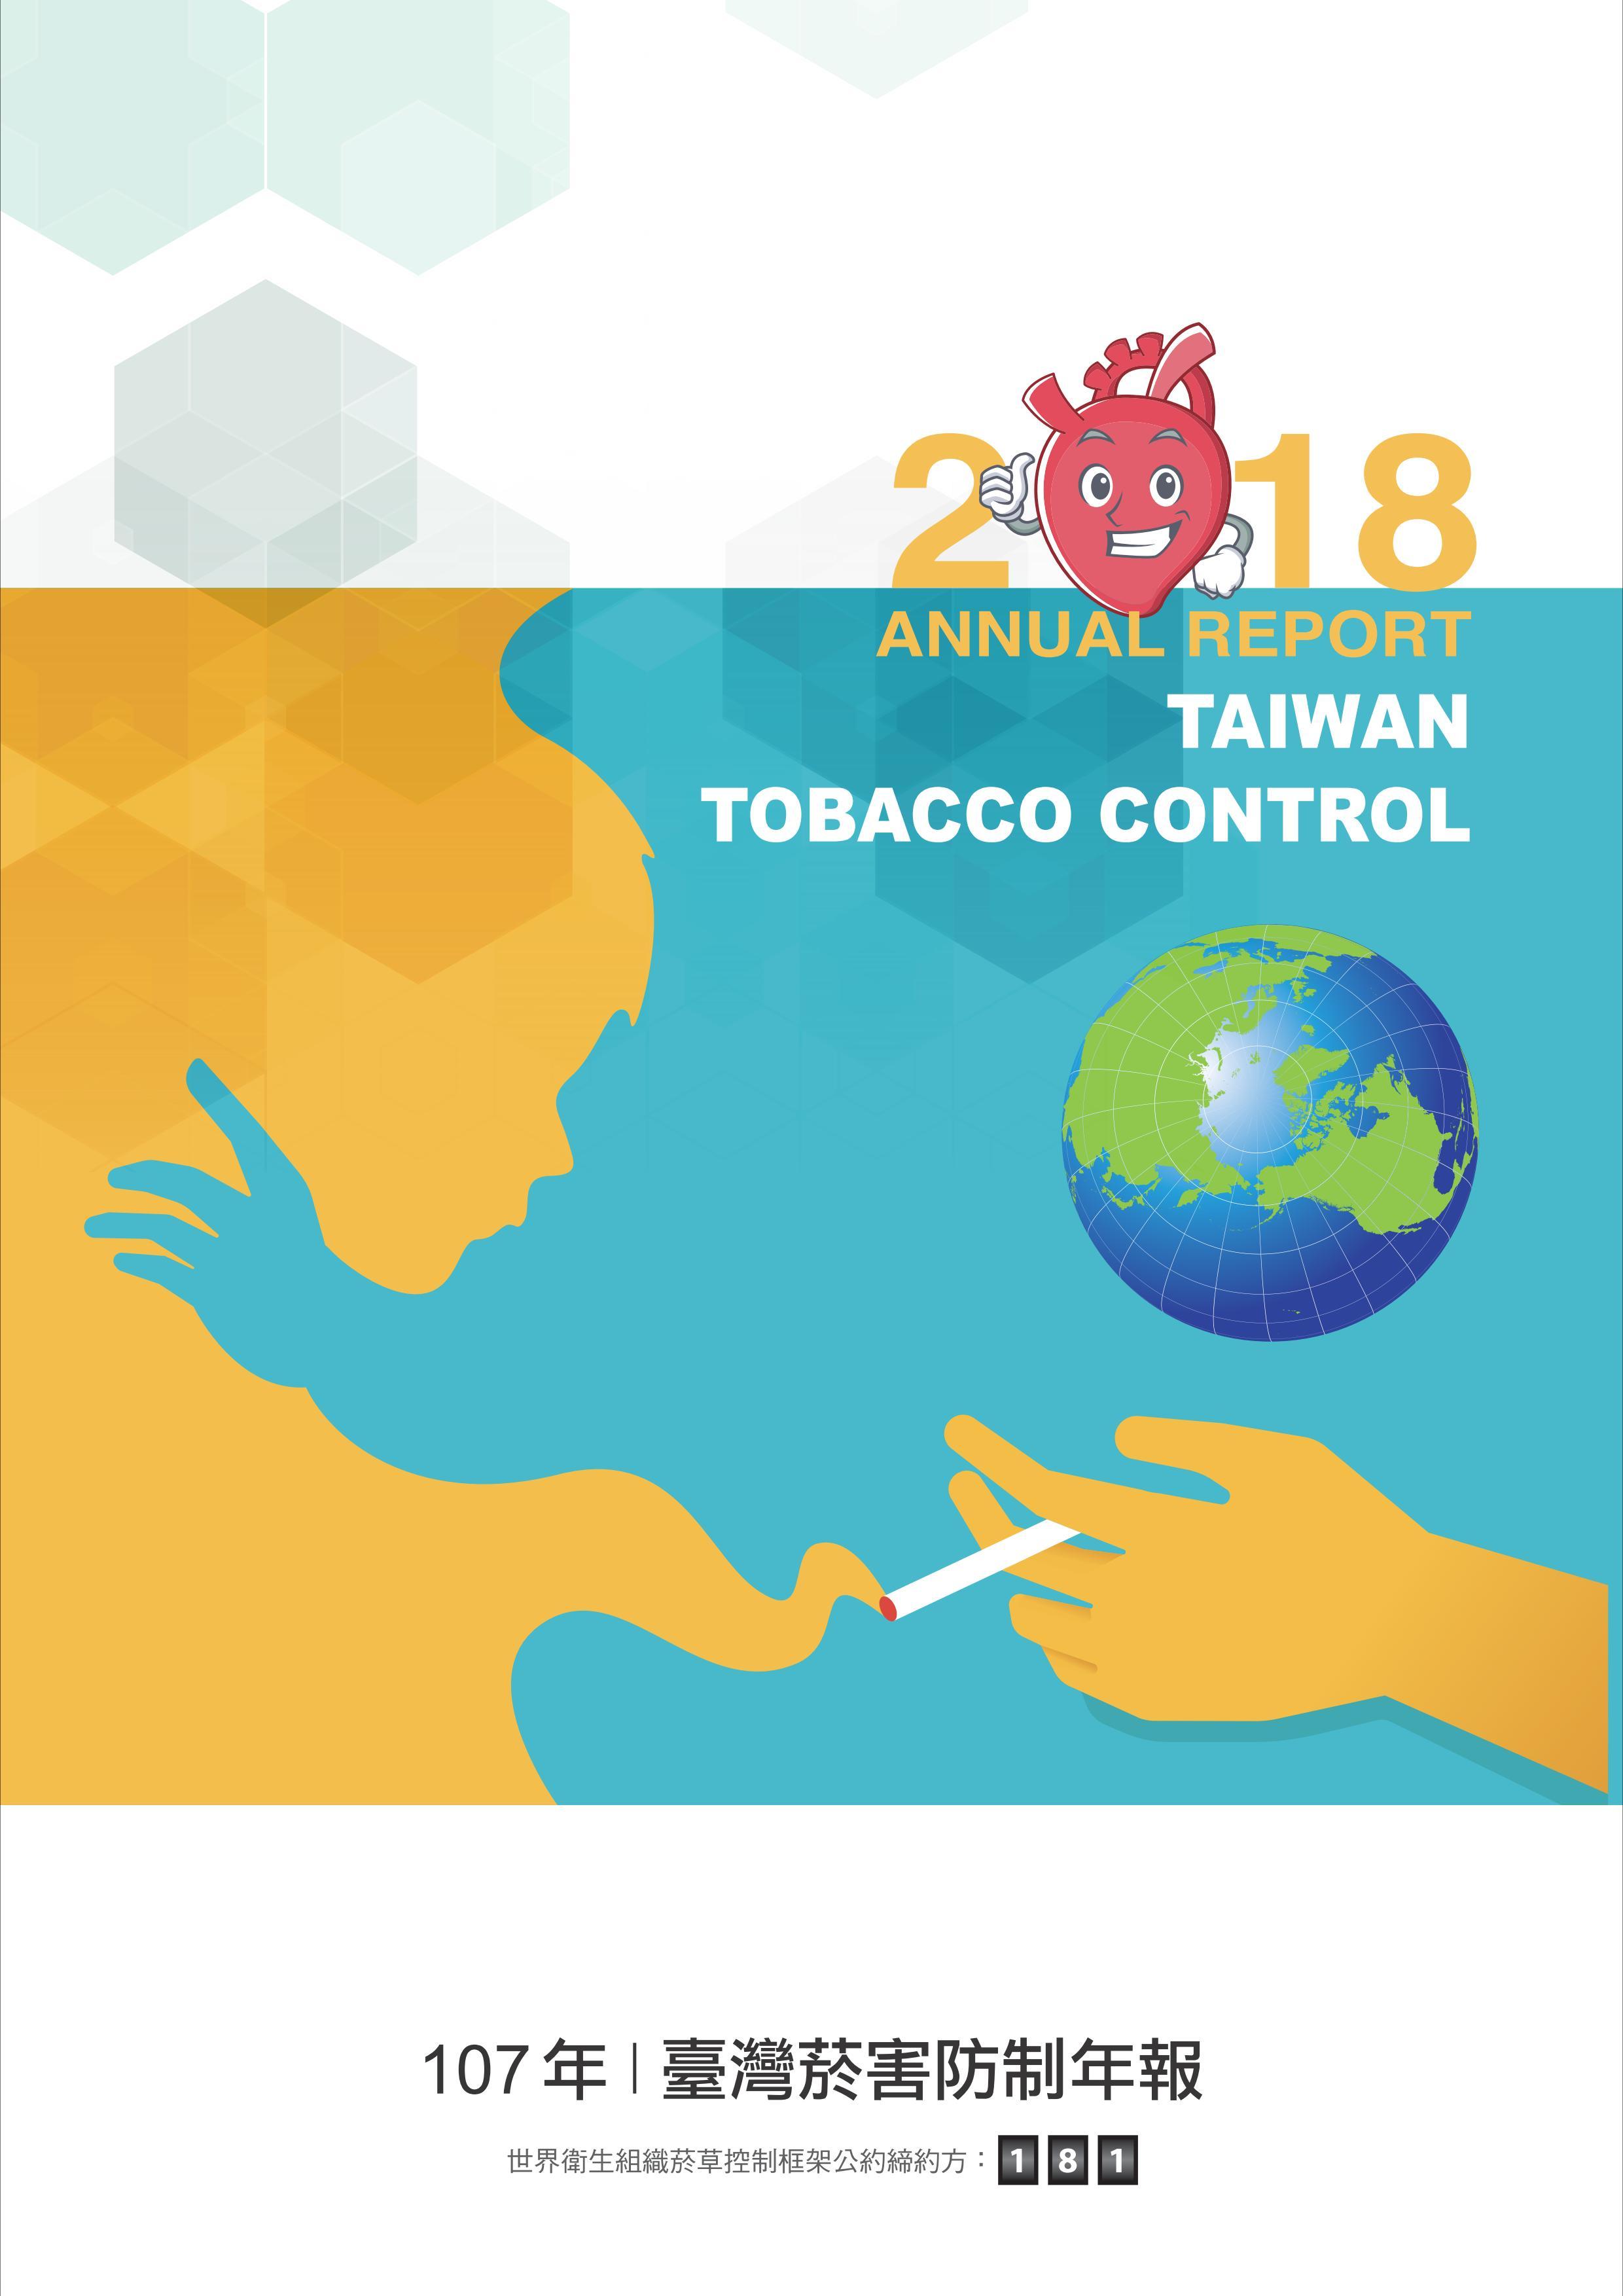 2018菸害防制年報